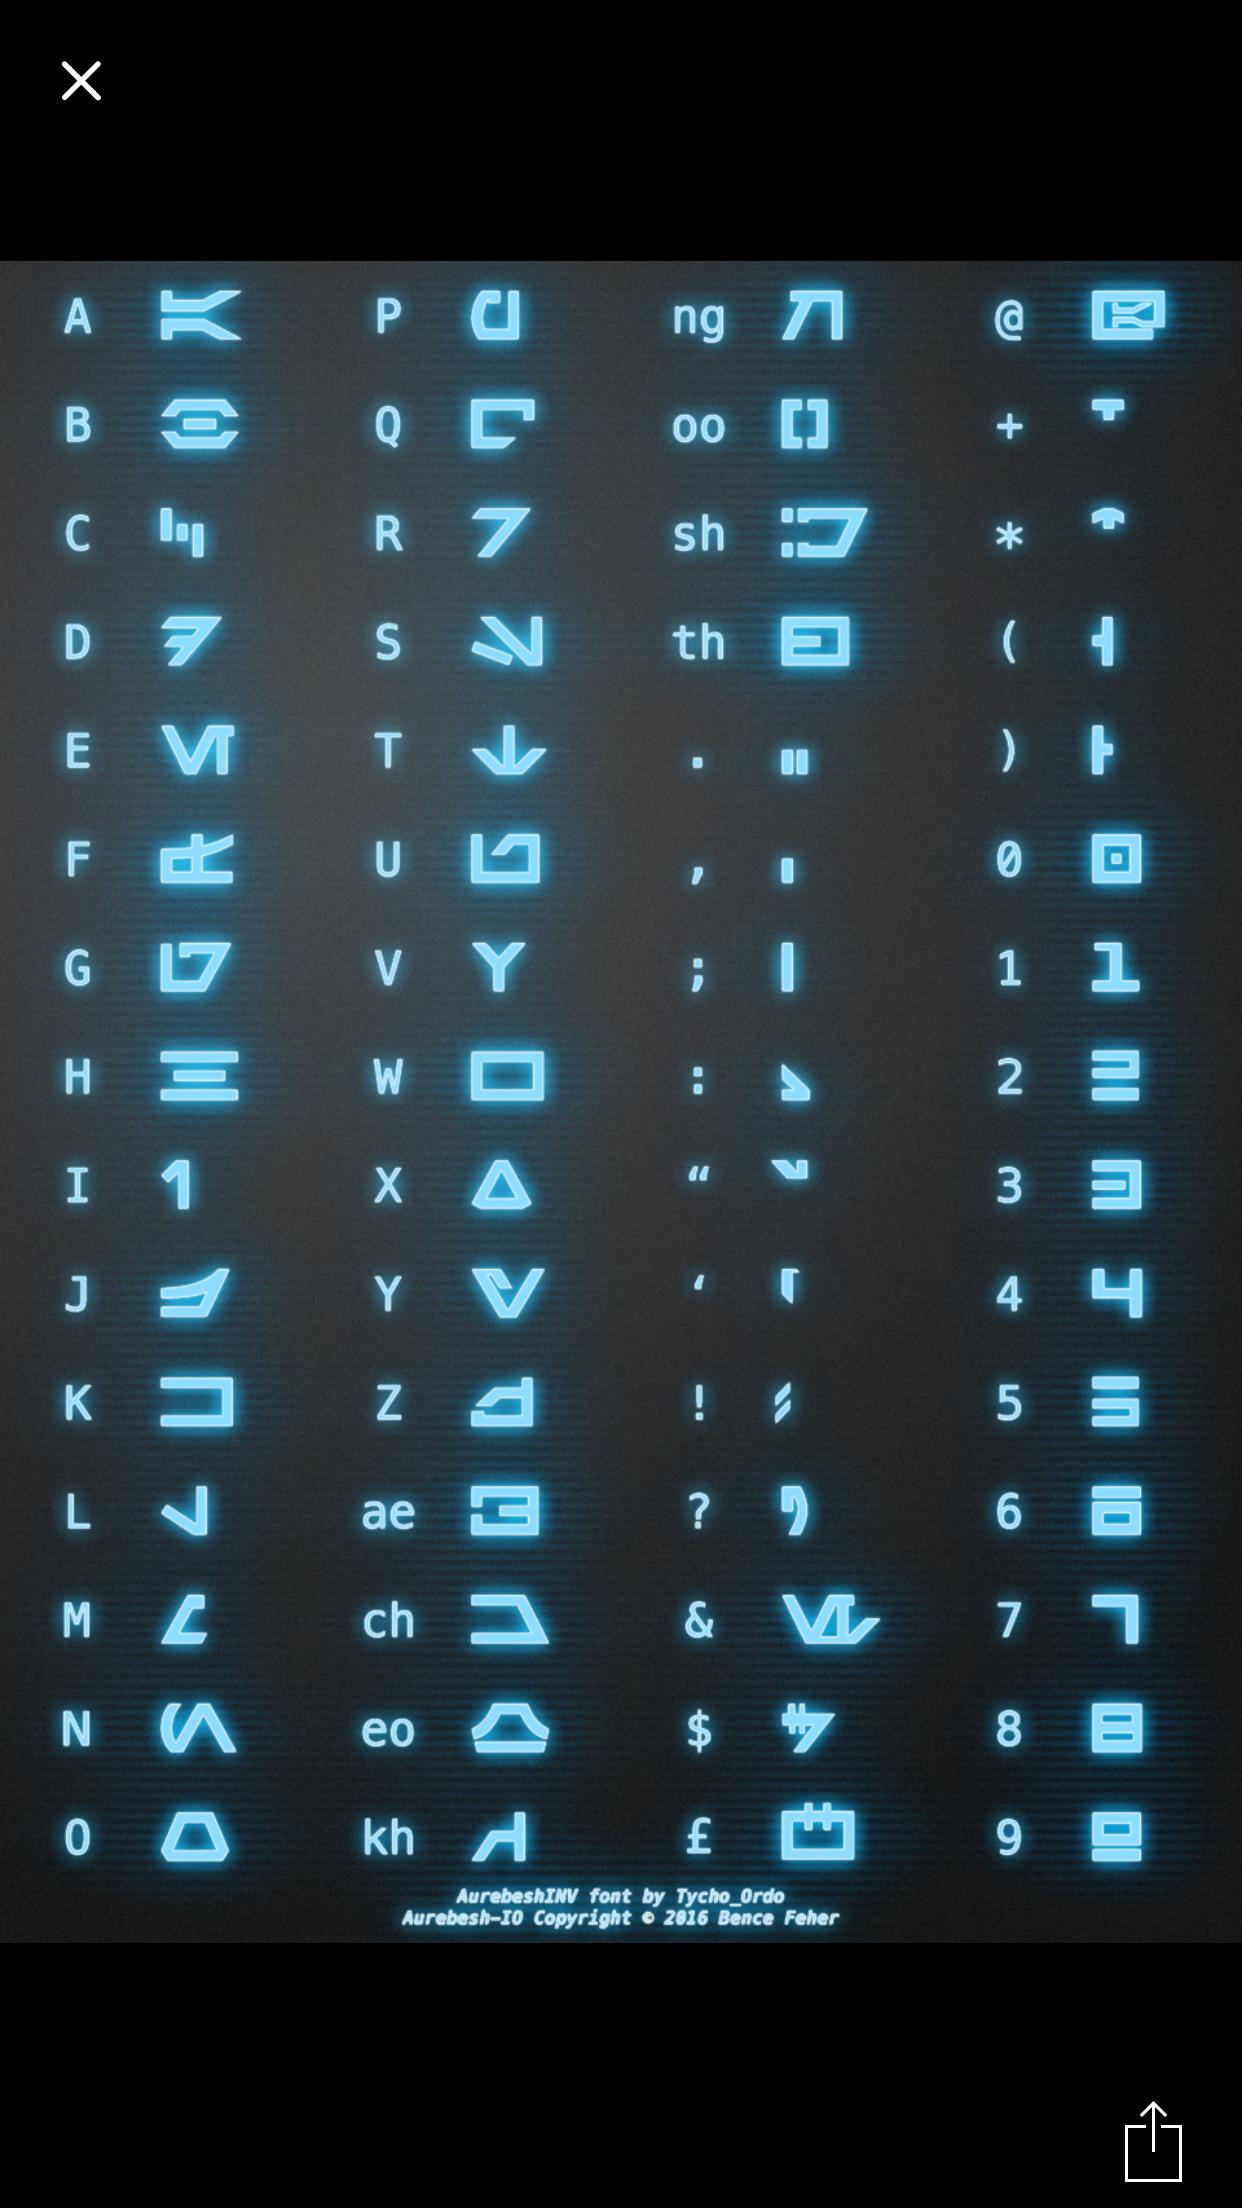 6p-symbols.png